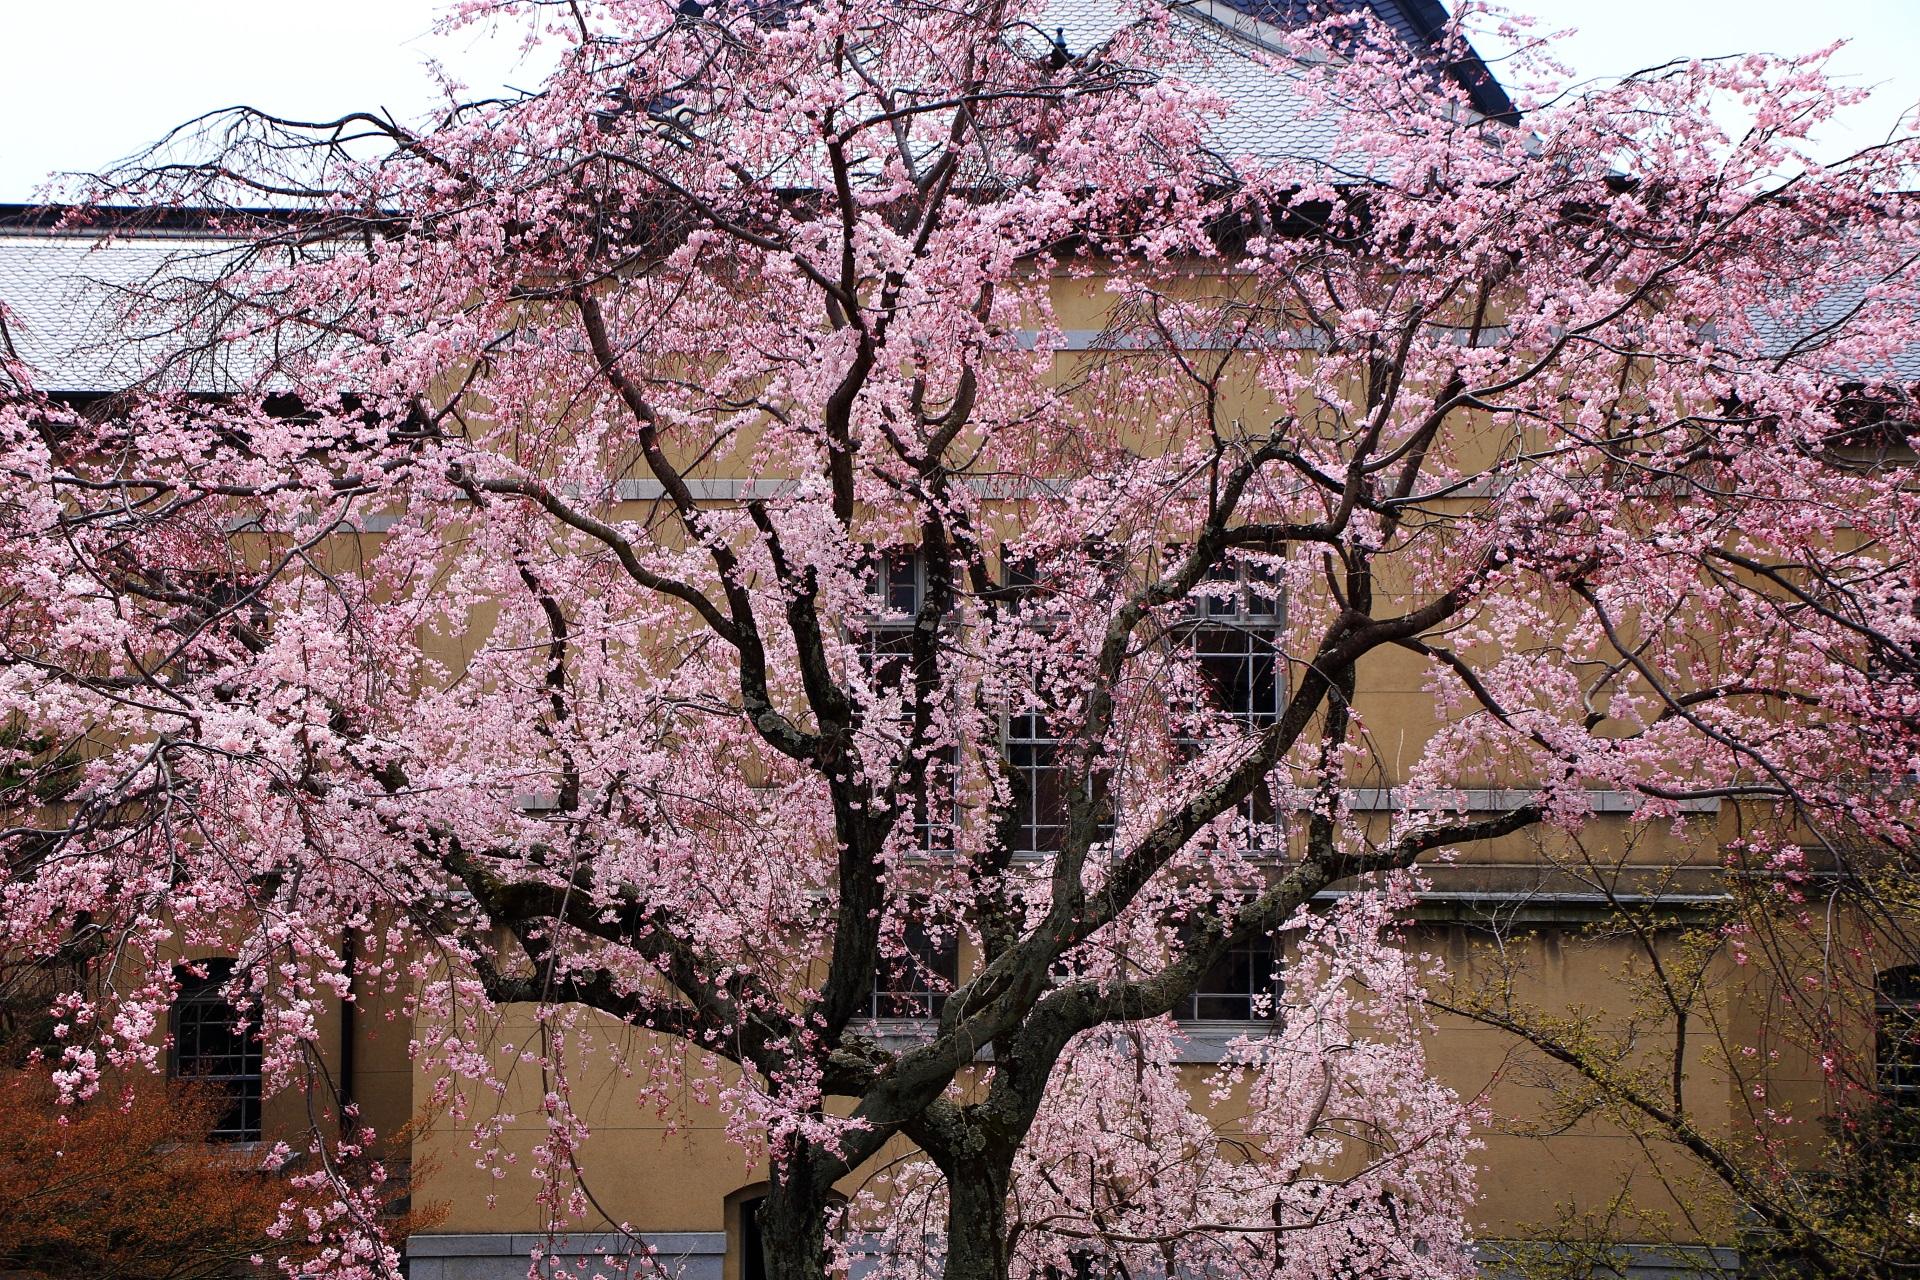 2階から眺めるとまた違った見え方がする中央のしだれ桜